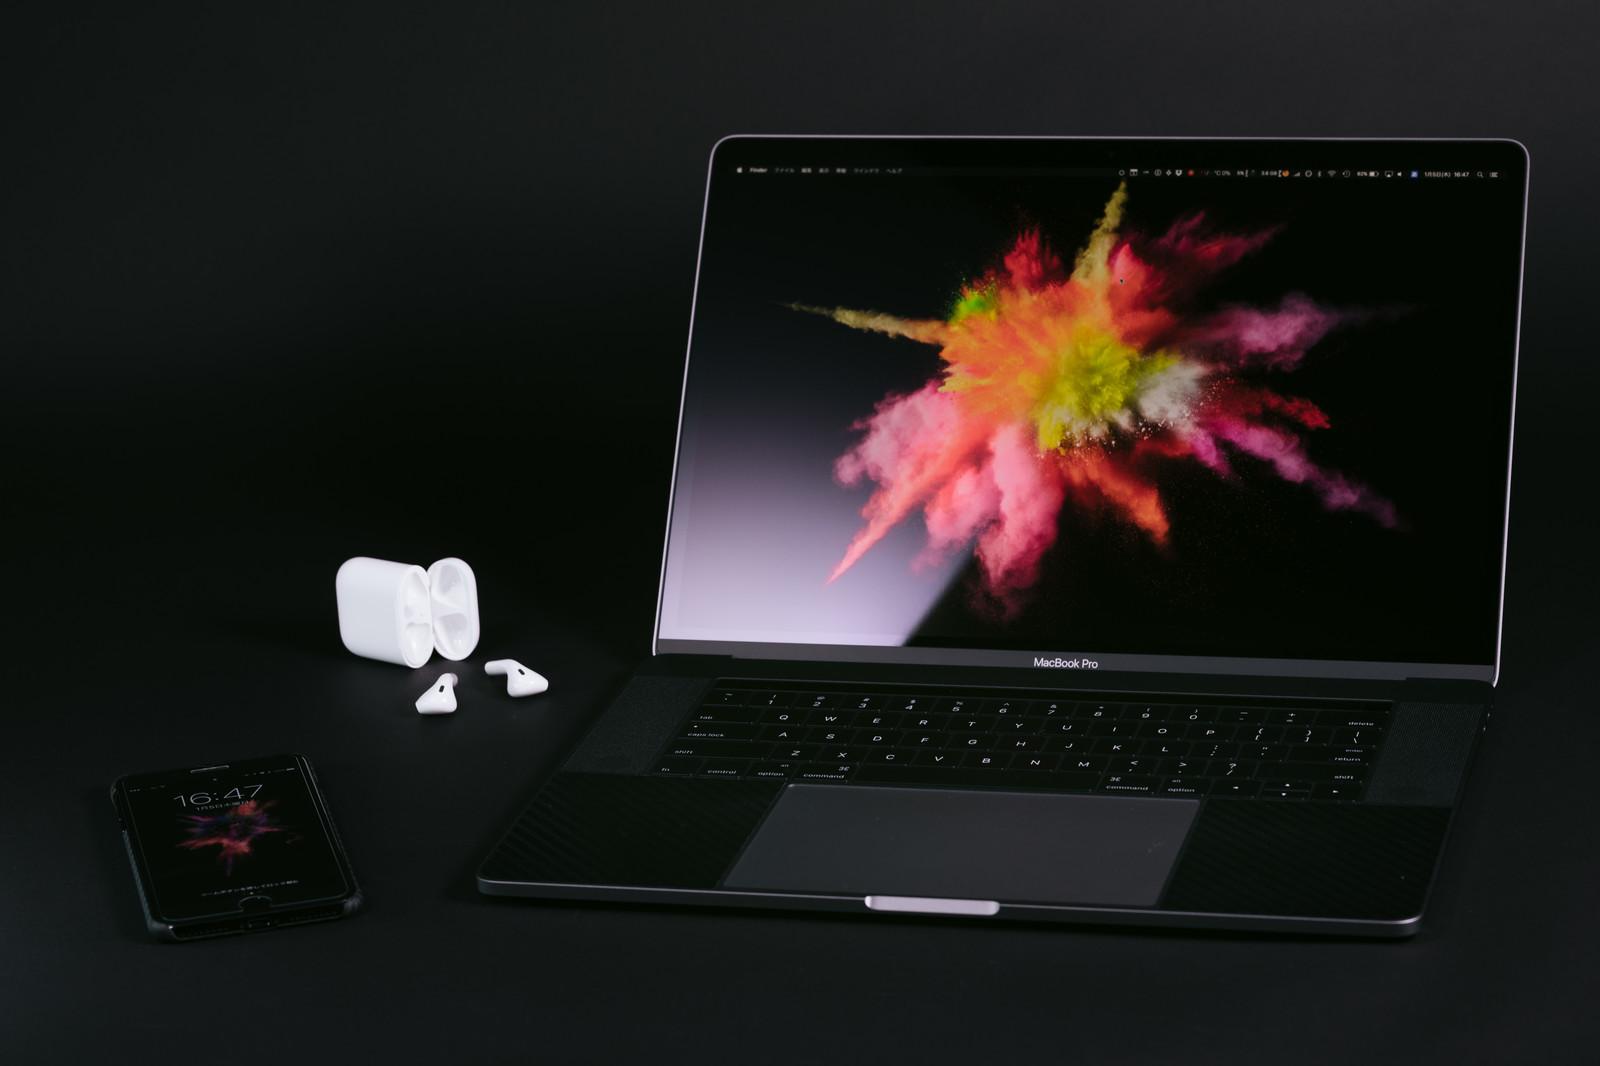 Macの壁紙を変える 変更する方法 サブディスプレイも変更可能